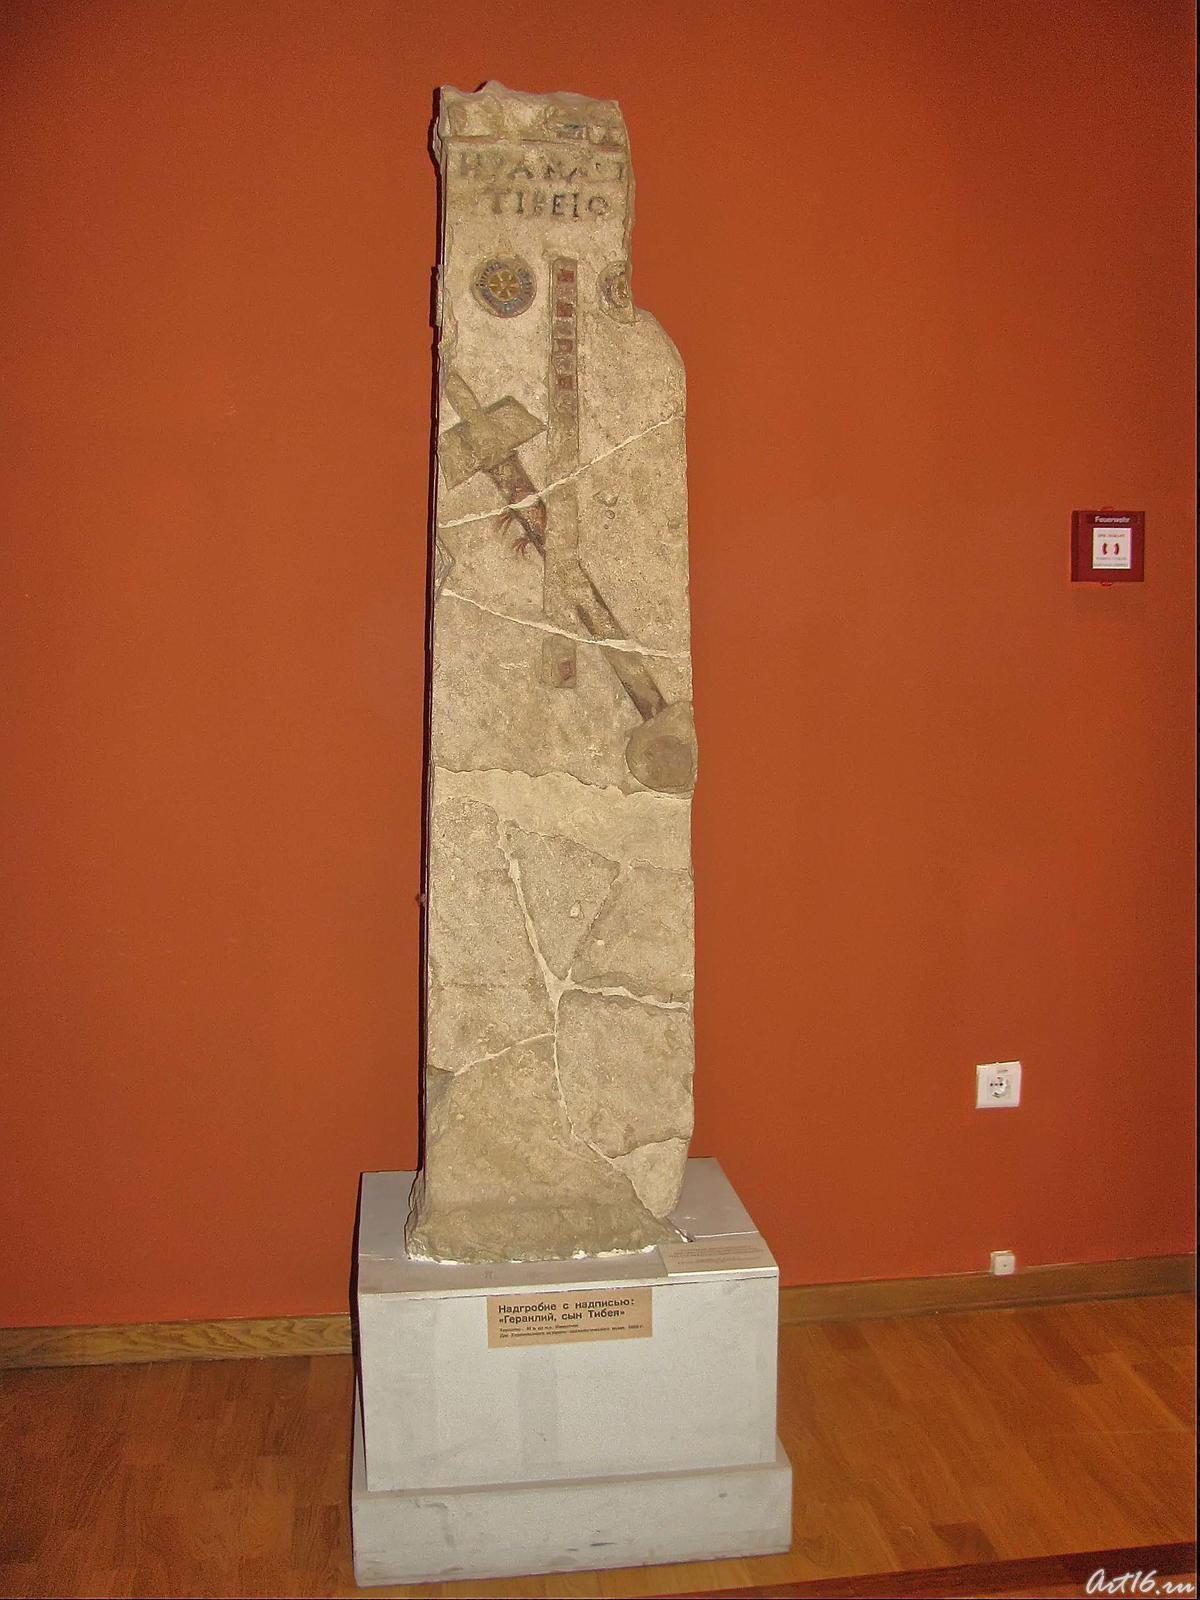 Фото №35434. Стела Гераклия из Херсонеса. Надгробие с надписью «Гераклий, сын Тибея »